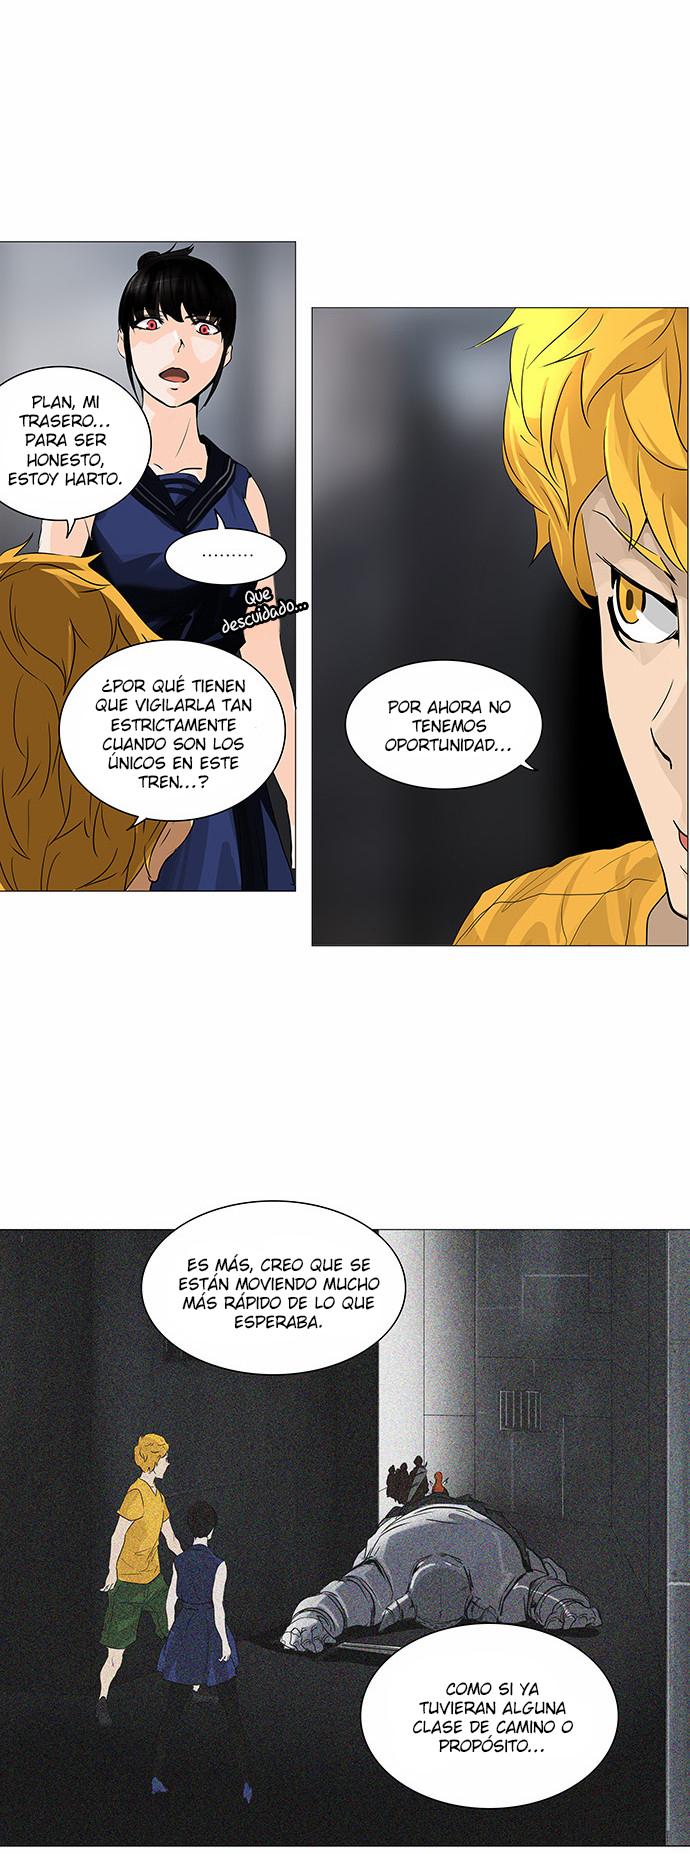 http://c5.ninemanga.com/es_manga/21/149/384518/186ba2b5d093634fd7a873faea7e41ba.jpg Page 4